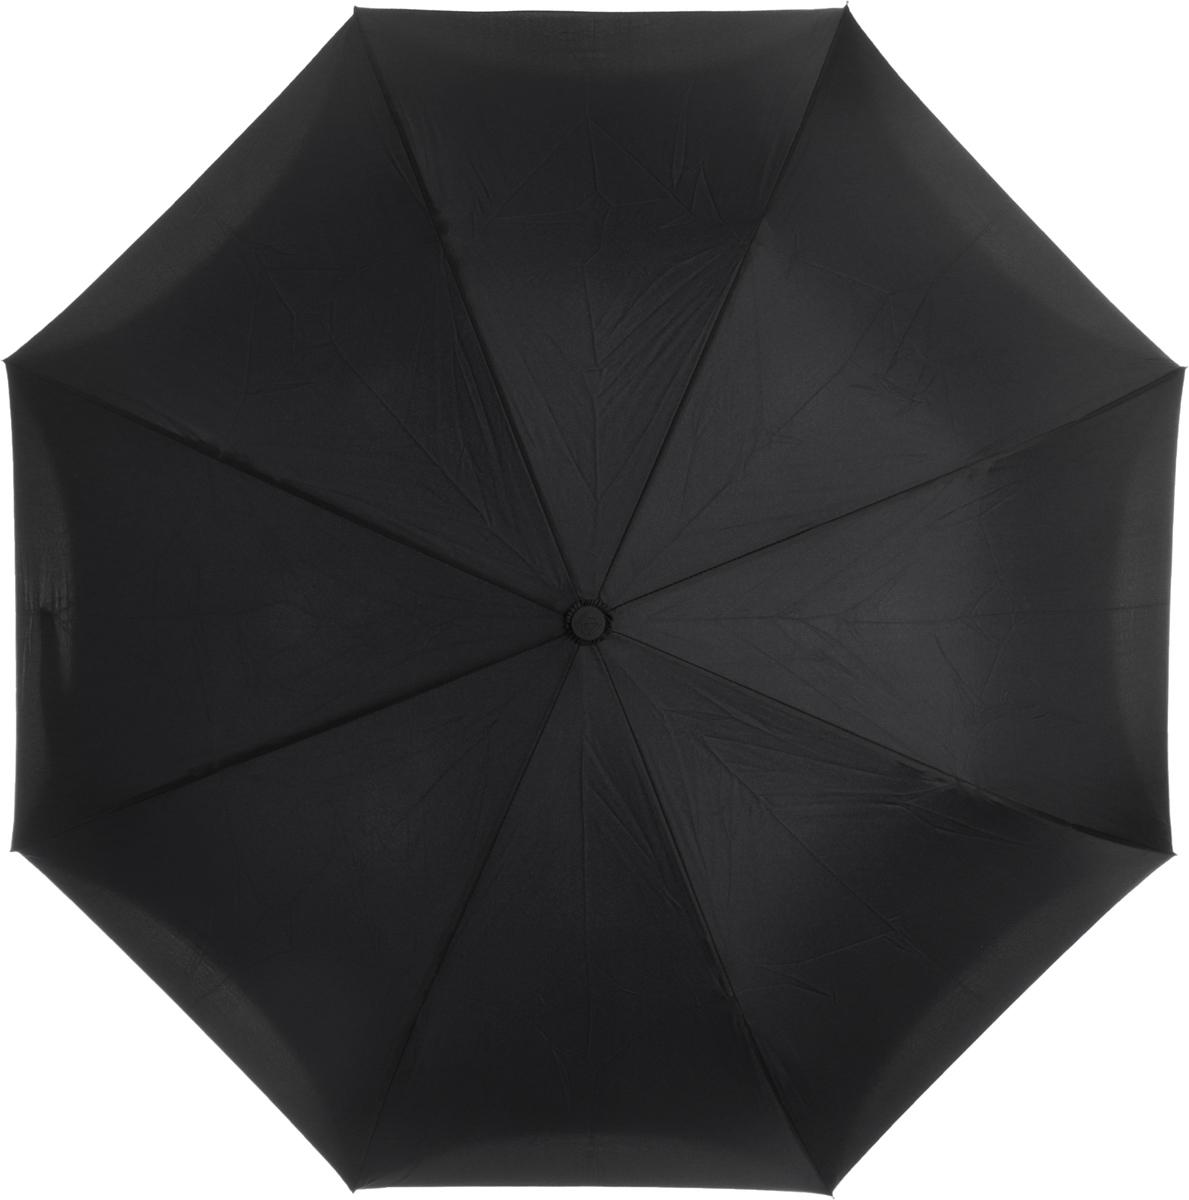 Зонт-трость женский Flioraj, механика, цвет: темно-синий. 120006 FJПуссеты (гвоздики)Оригинальный зонт-трость Flioraj надежно защитит вас от дождя. Зонт складывается внутренней (сухой) стороной наружу, избавляя владельца от контакта с мокрой поверхностью. Приходя в незнакомое место у Вас не будет неловкого момента от того, что некуда убрать мокрый зонт - Вы сможете спокойно высушить его позже, закончив свои дела. Зонт Miracle очень удобен для автомобилистов: садясь в машину, Вы аккуратно закрываете зонт, не уронив ни одной капли воды в салоне.Удобная ручка с гипоаллергенным покрытием Soft-Touch позволяет высвободить обе руки - Вы спокойно можете пользоваться телефоном, а зонт будет надежно держатьсяна Вашем запястье, защищая от капризов природы. Яркая расцветка и рисунок по внутренней части зонта поднимут Вам настроение! С таким зонтом больше ничто не испортит Ваших планов!